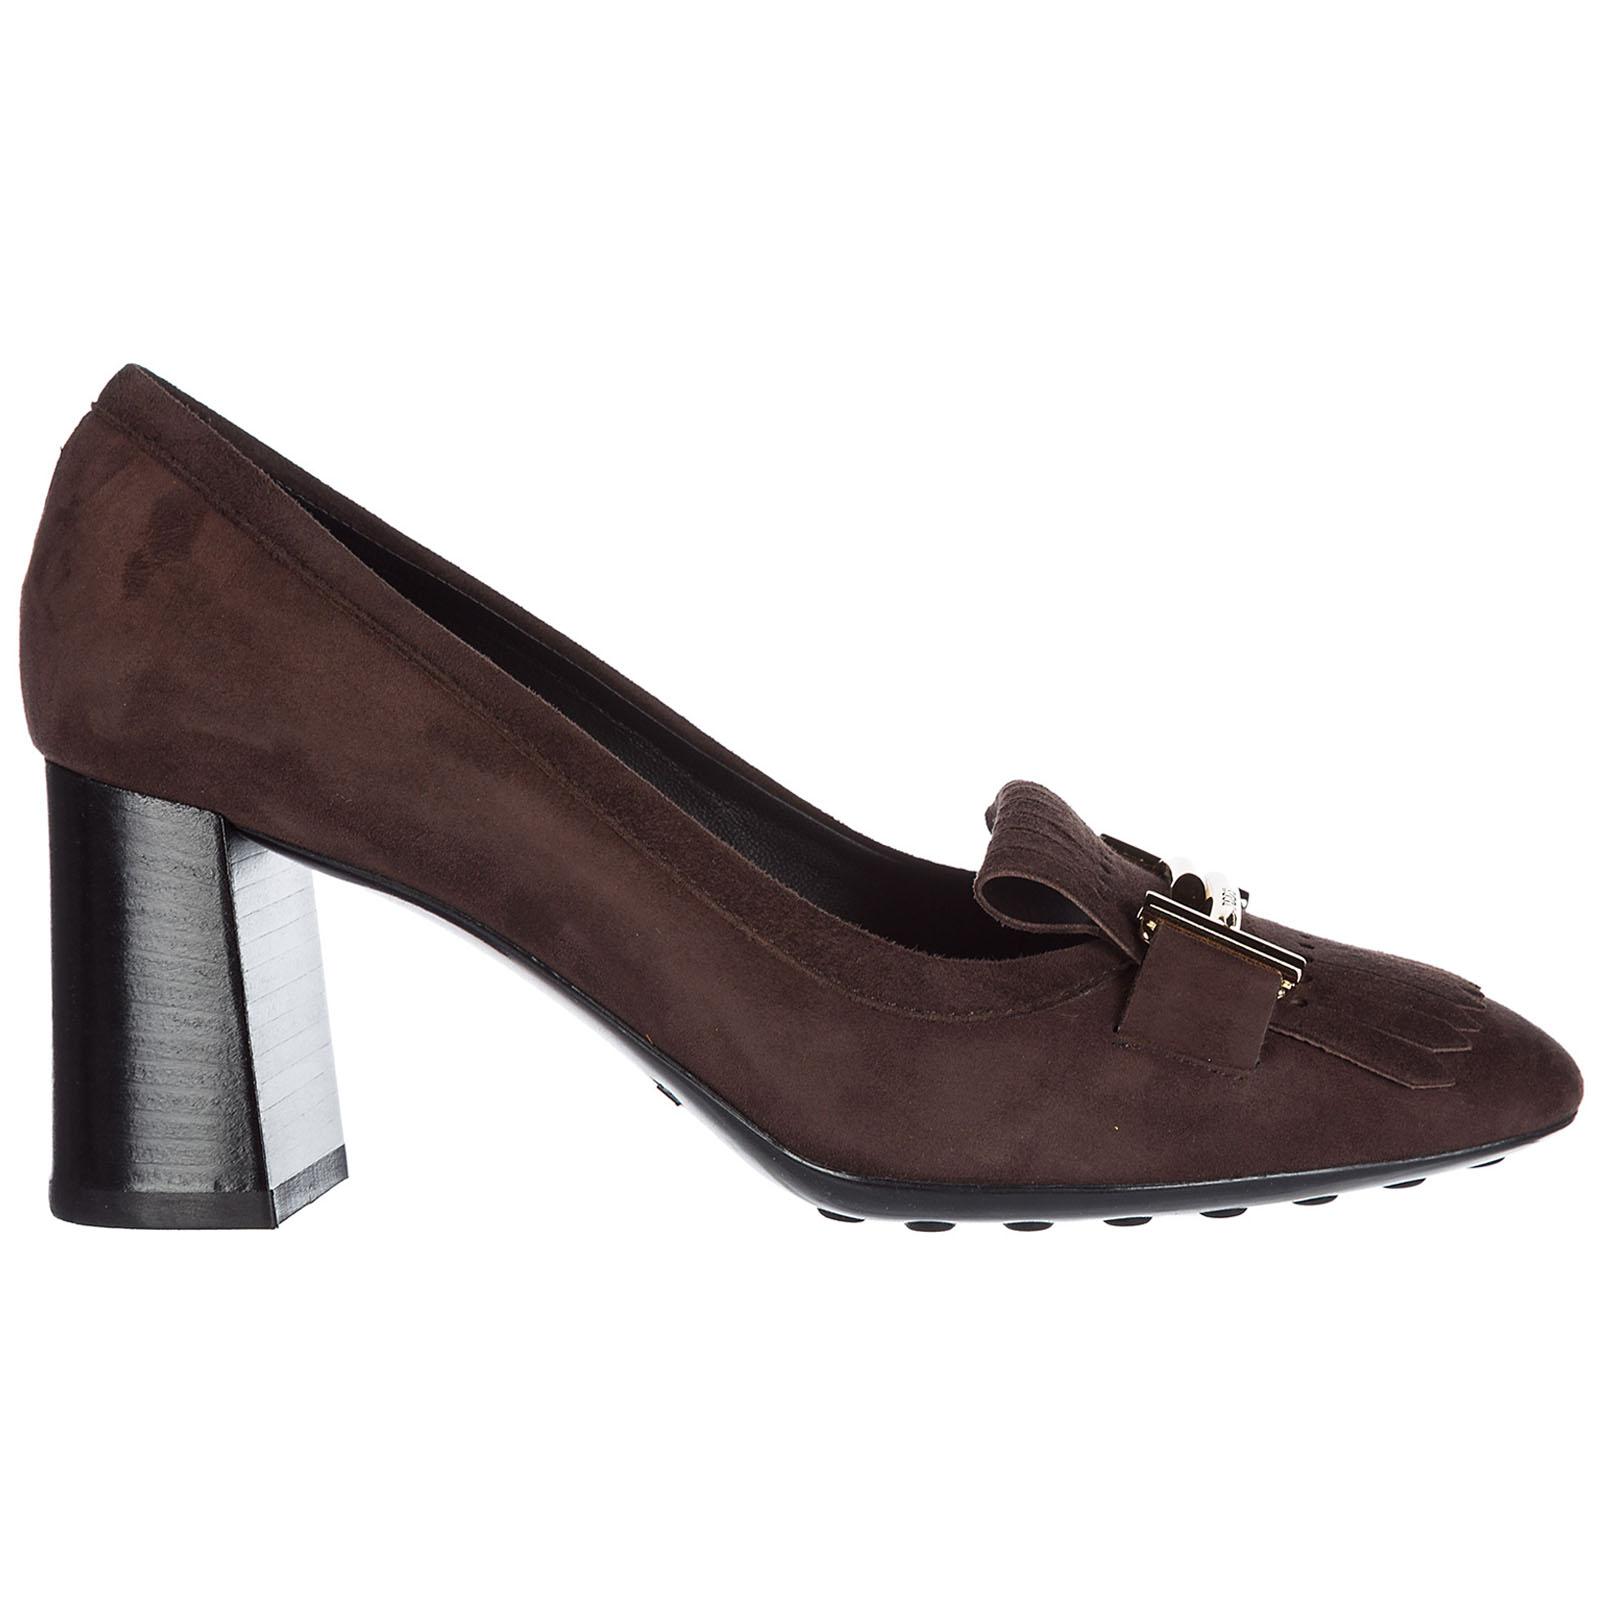 Decolletes decoltè scarpe donna con tacco camoscio t70